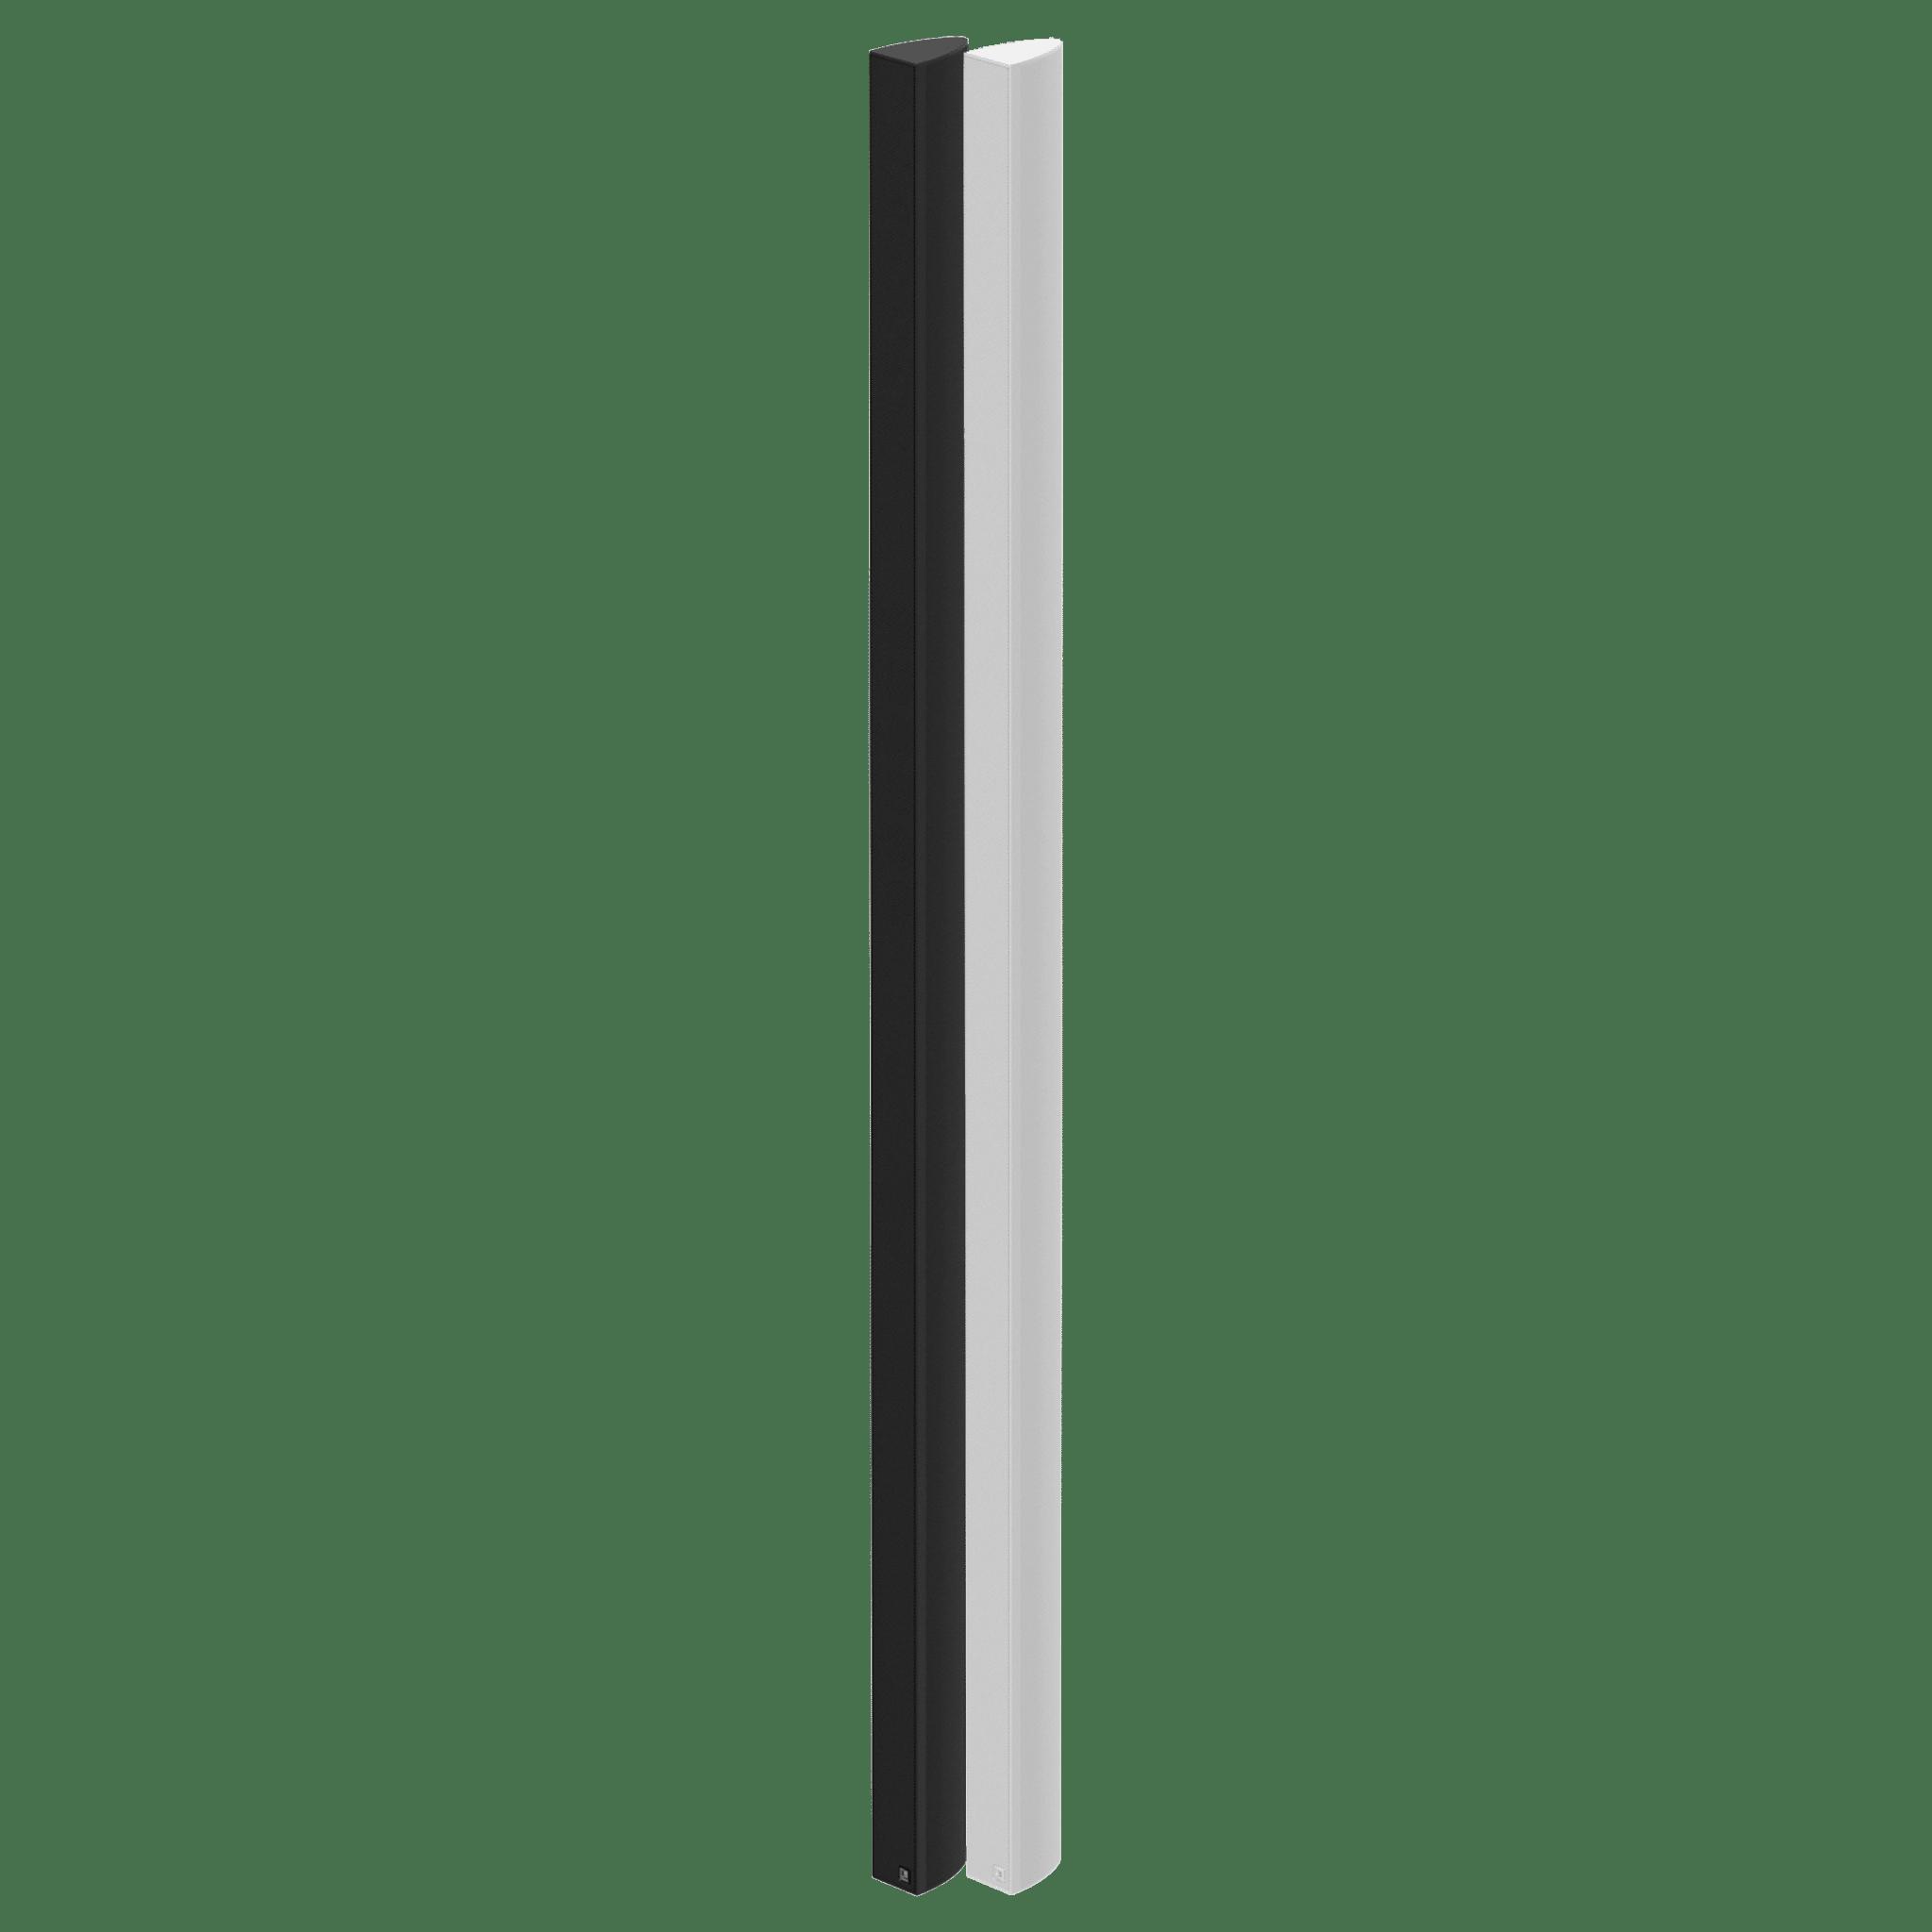 """KYRA24 - Design column speaker 24 x 2"""""""